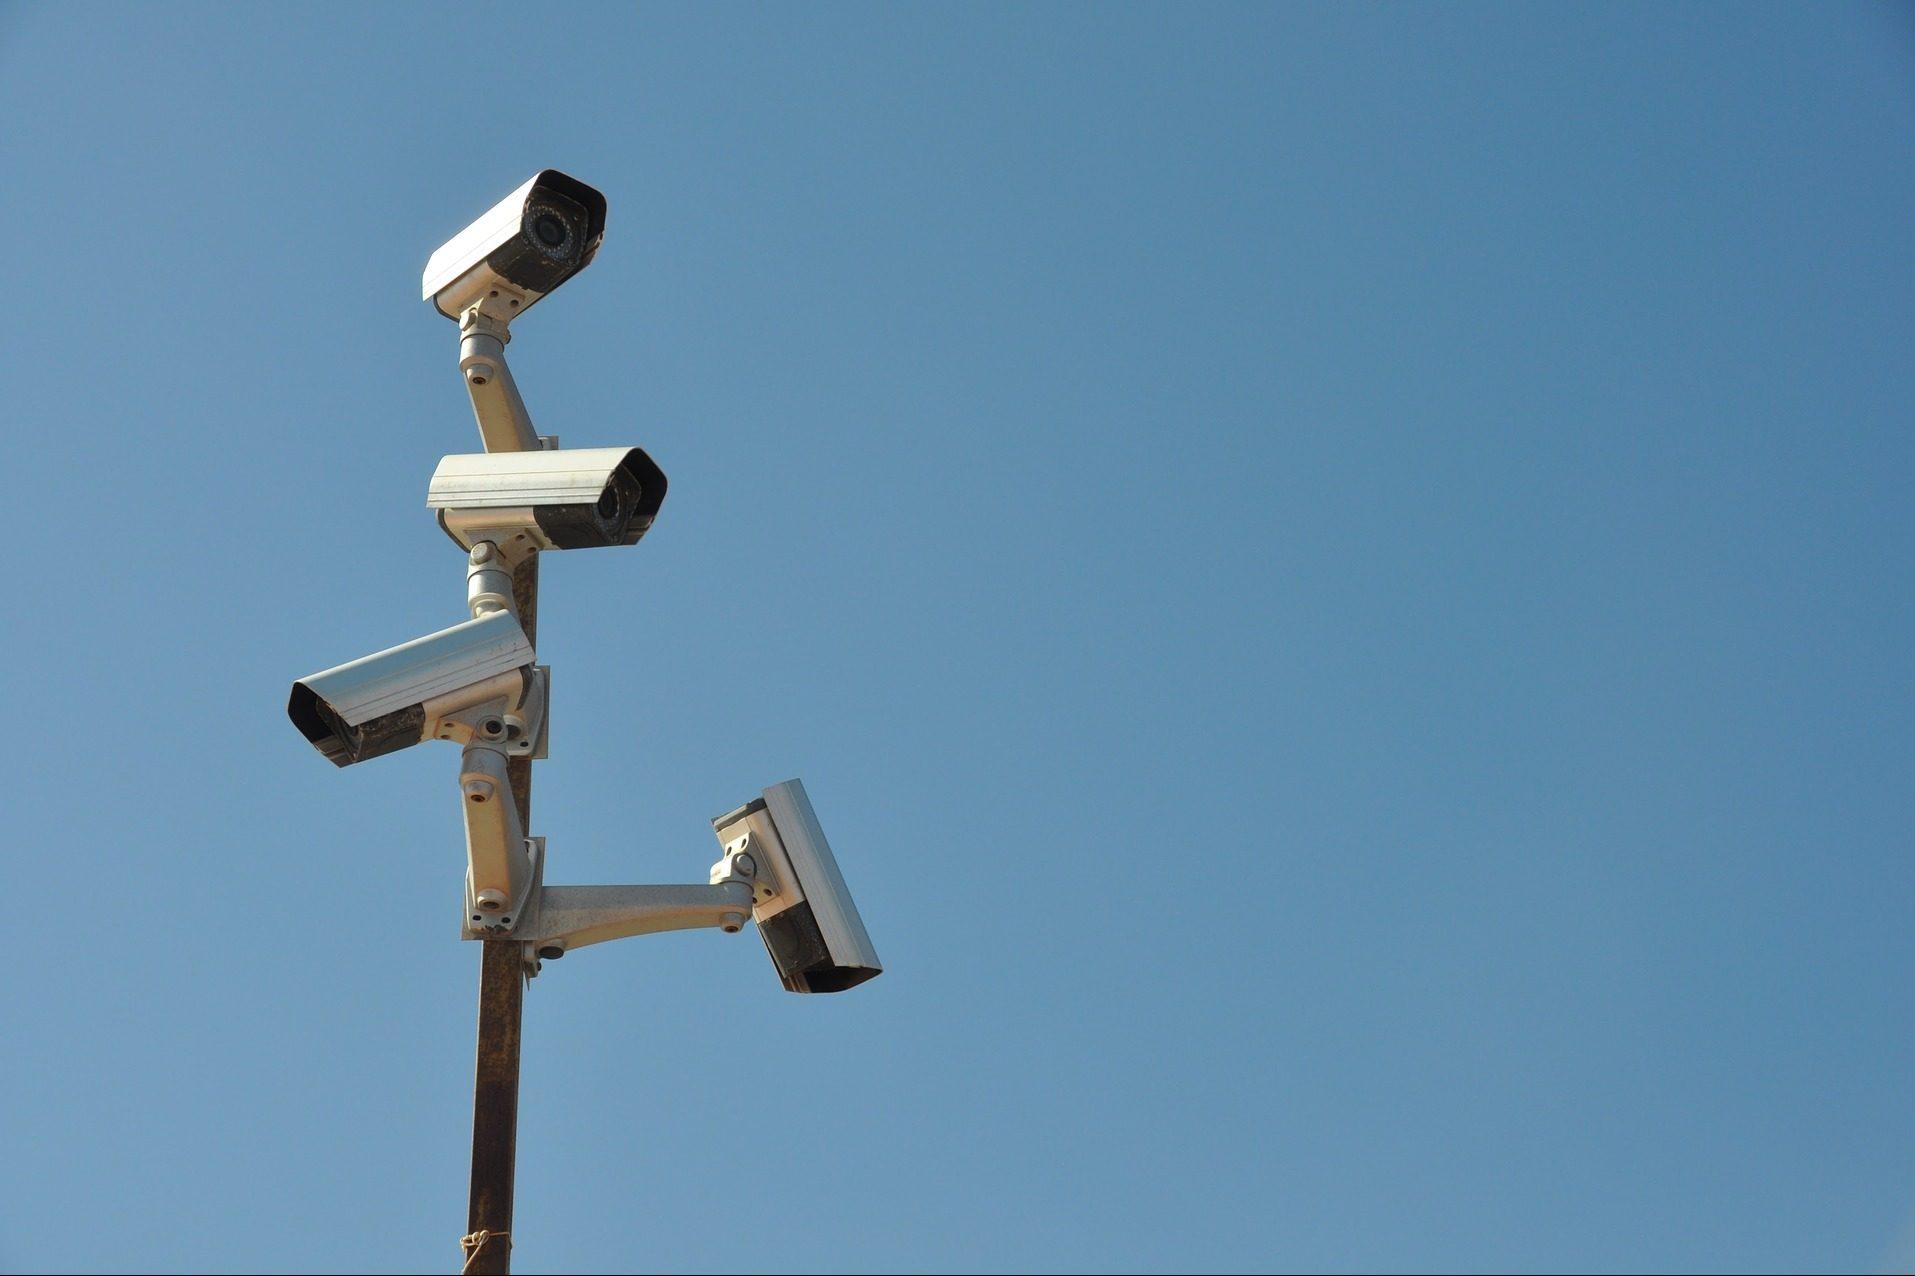 Seguridad: el mejor kit de cámaras de seguridad